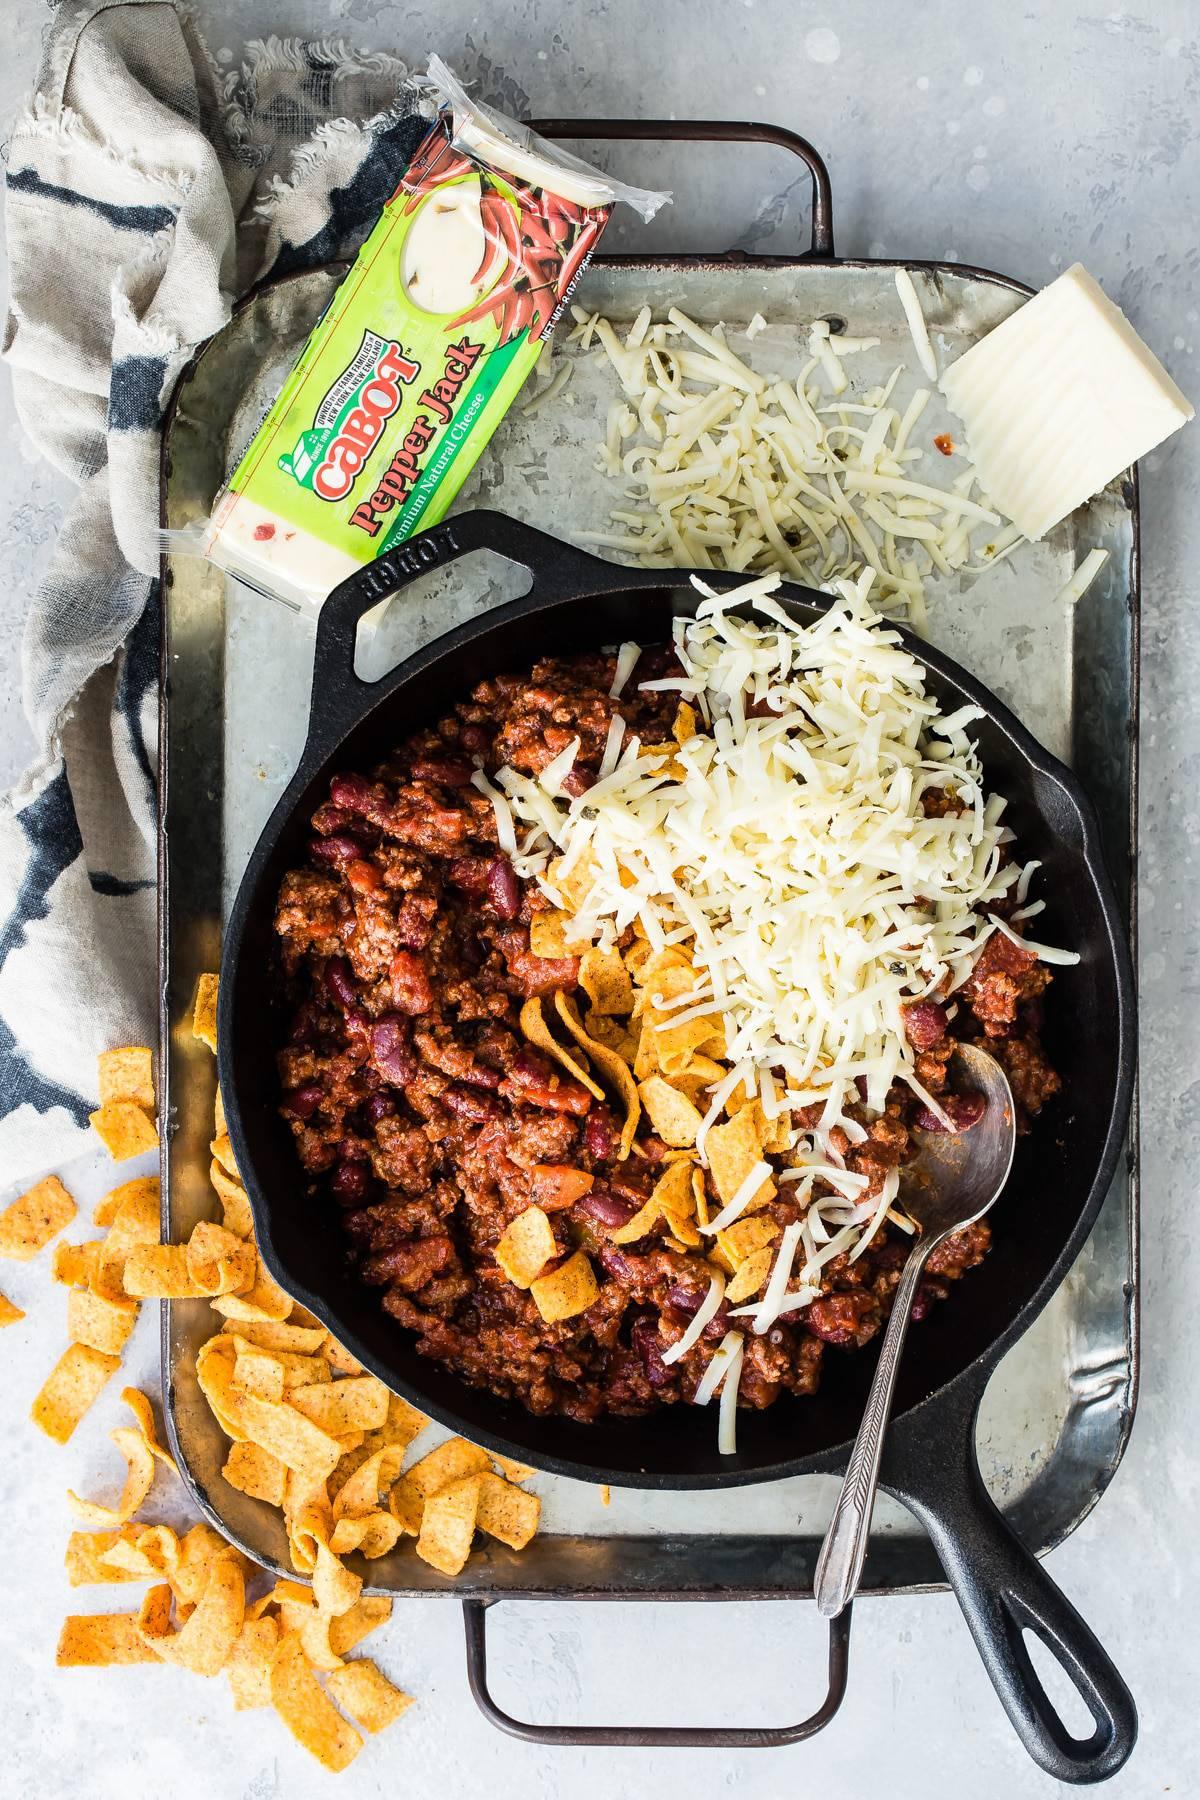 cheese chili cheese dip